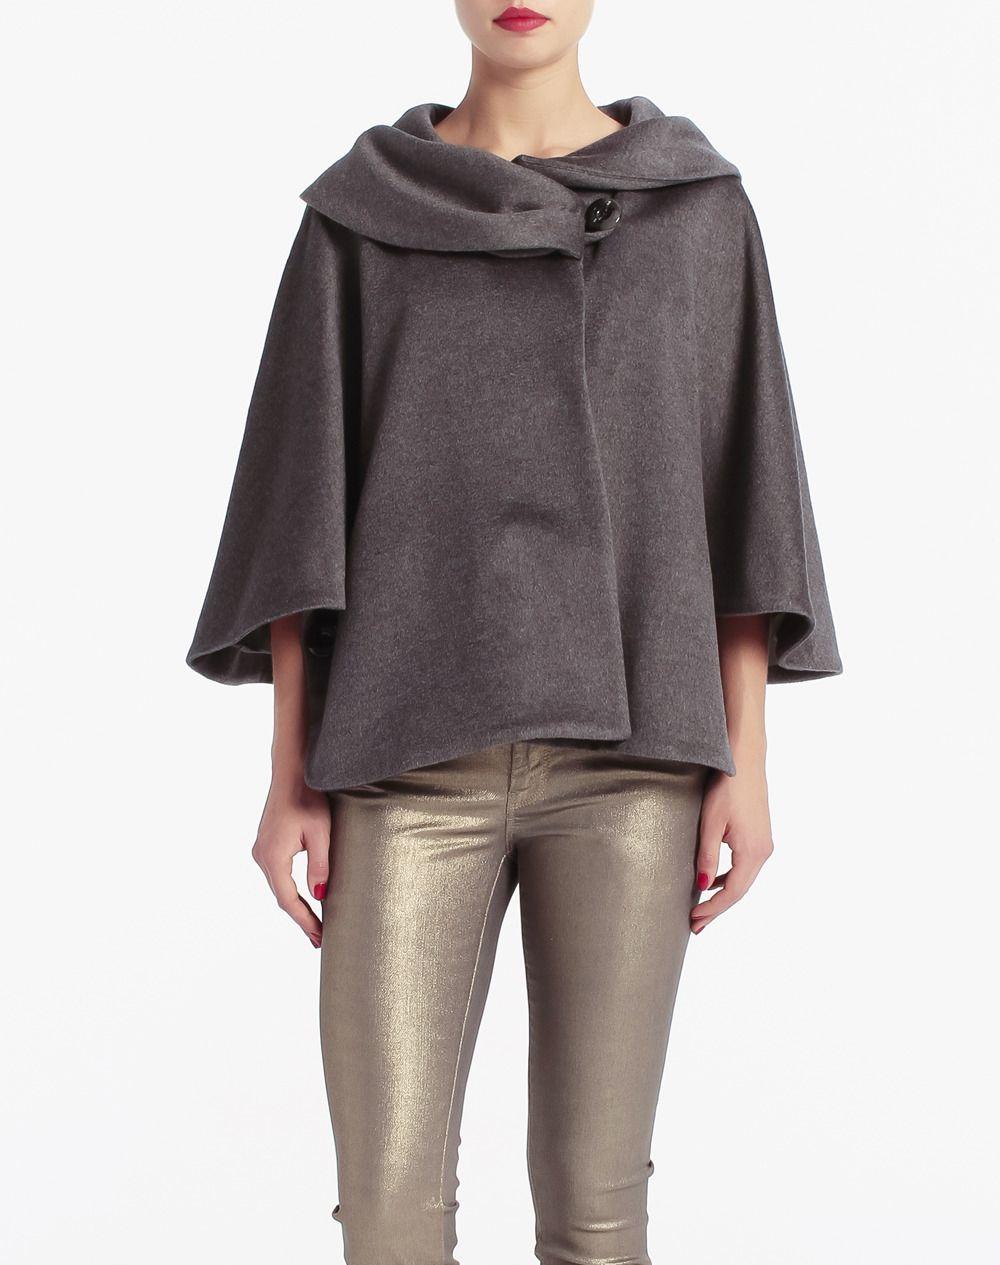 9b3a8ed7b149 Capa de mujer Cinzia Rocca - Mujer - Prendas de abrigo - El Corte Inglés -  Moda. Vale 400 eurazos!! TT__TT